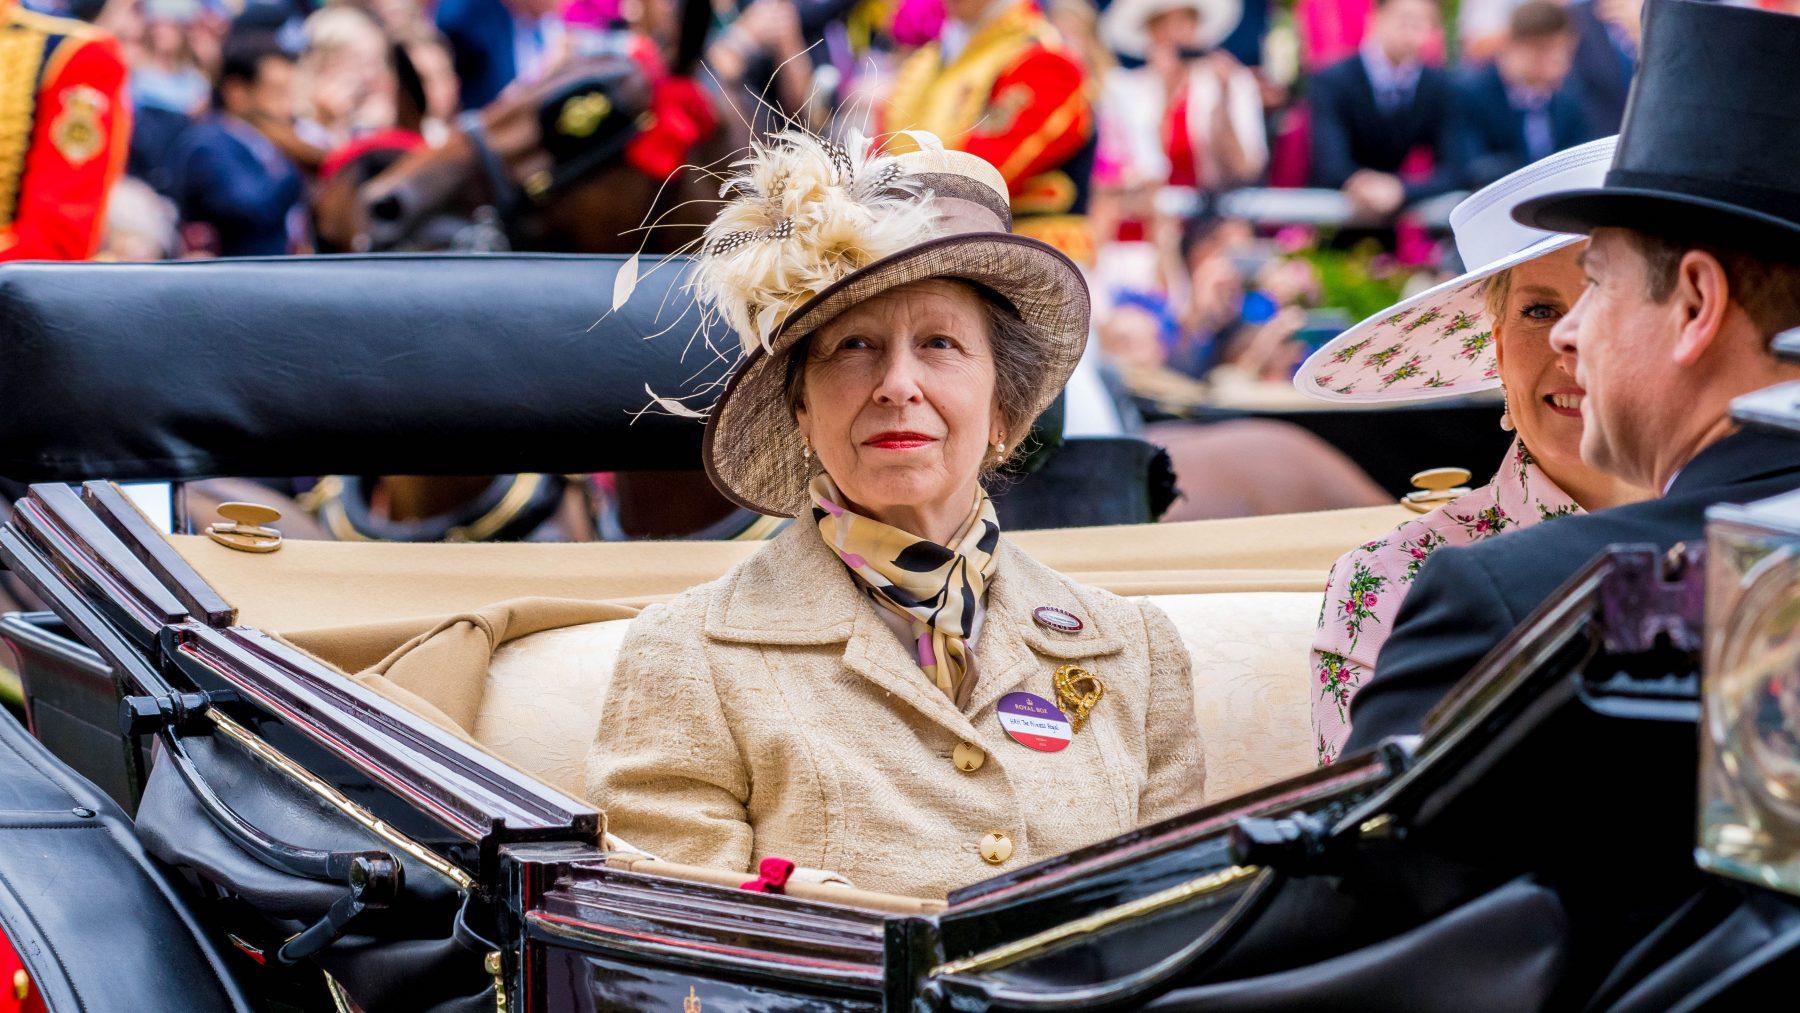 ronnie russell verkoopt medaille voor reddingsactie prinses Anne